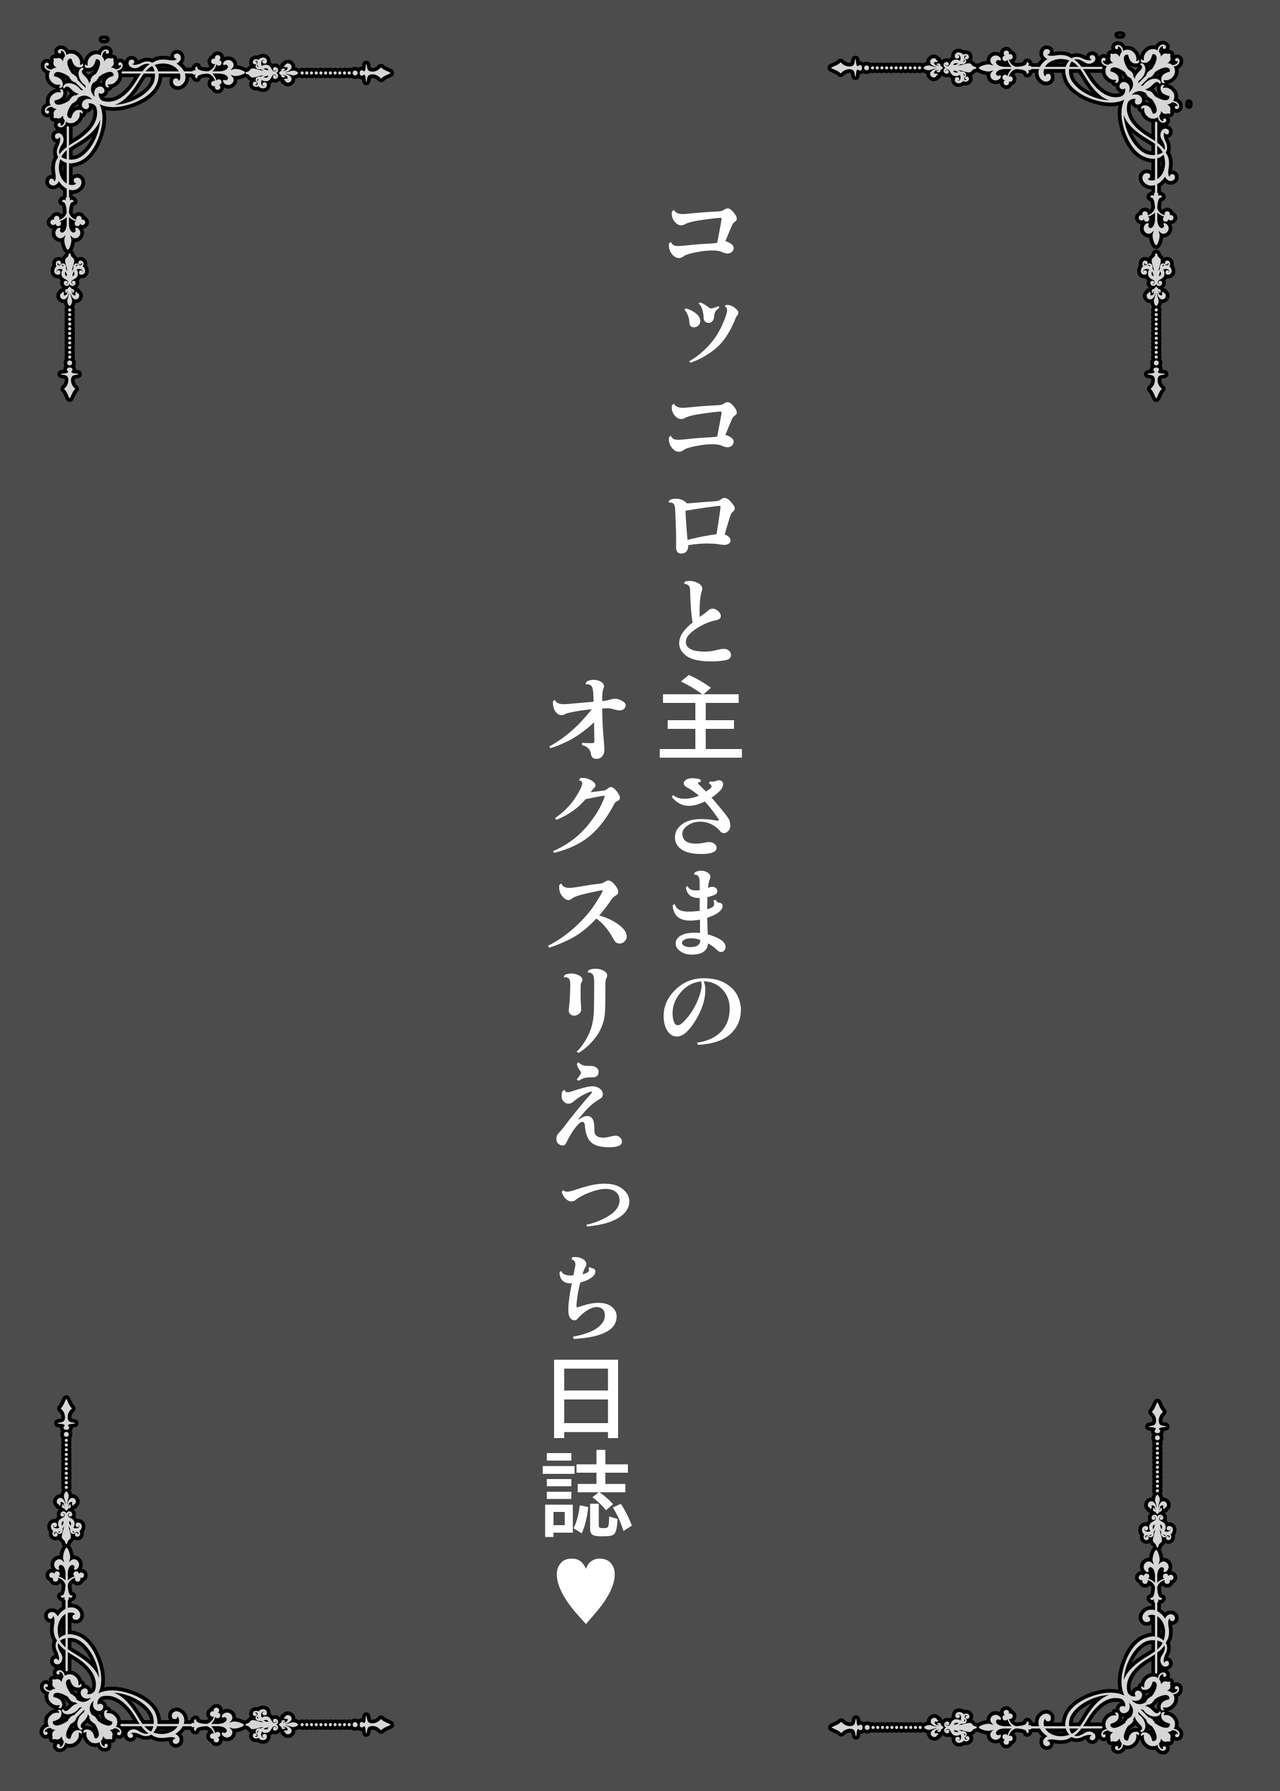 Kokkoro to Aruji-sama no Okusuri Ecchi Nisshi 2